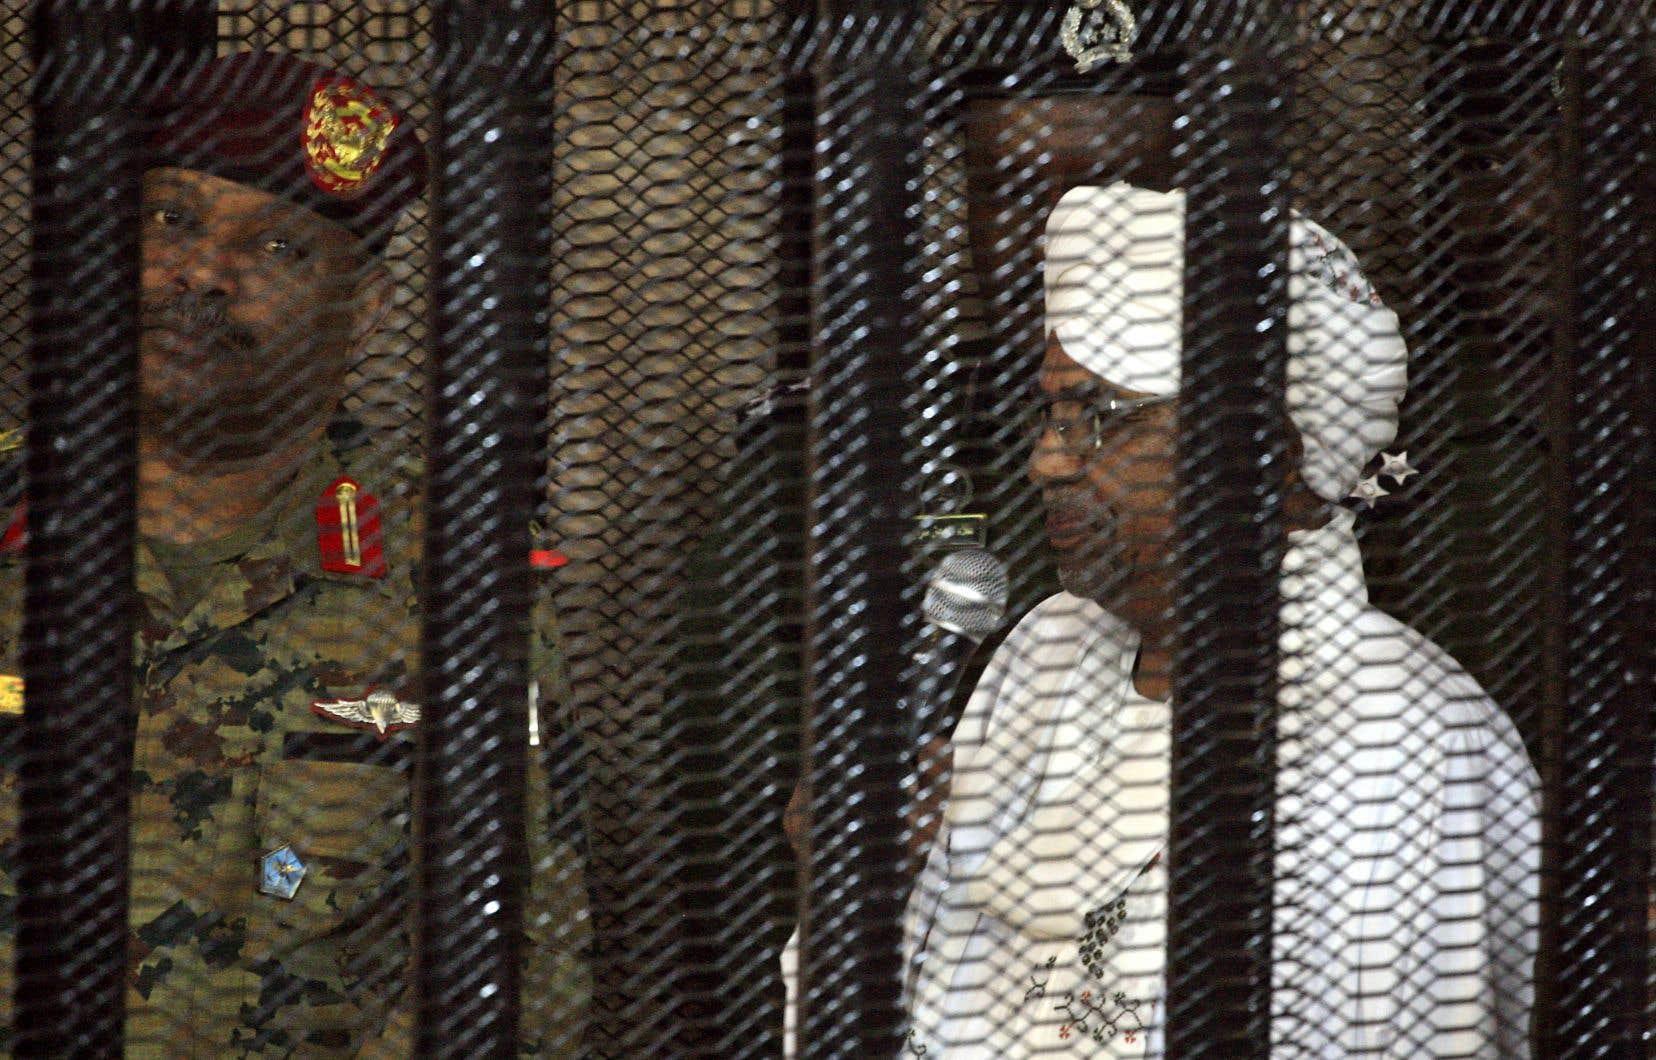 Omar el-Béchir est aussi accusé par la Cour pénale internationale de crimes de guerre, de crimes contre l'humanité et de génocide.